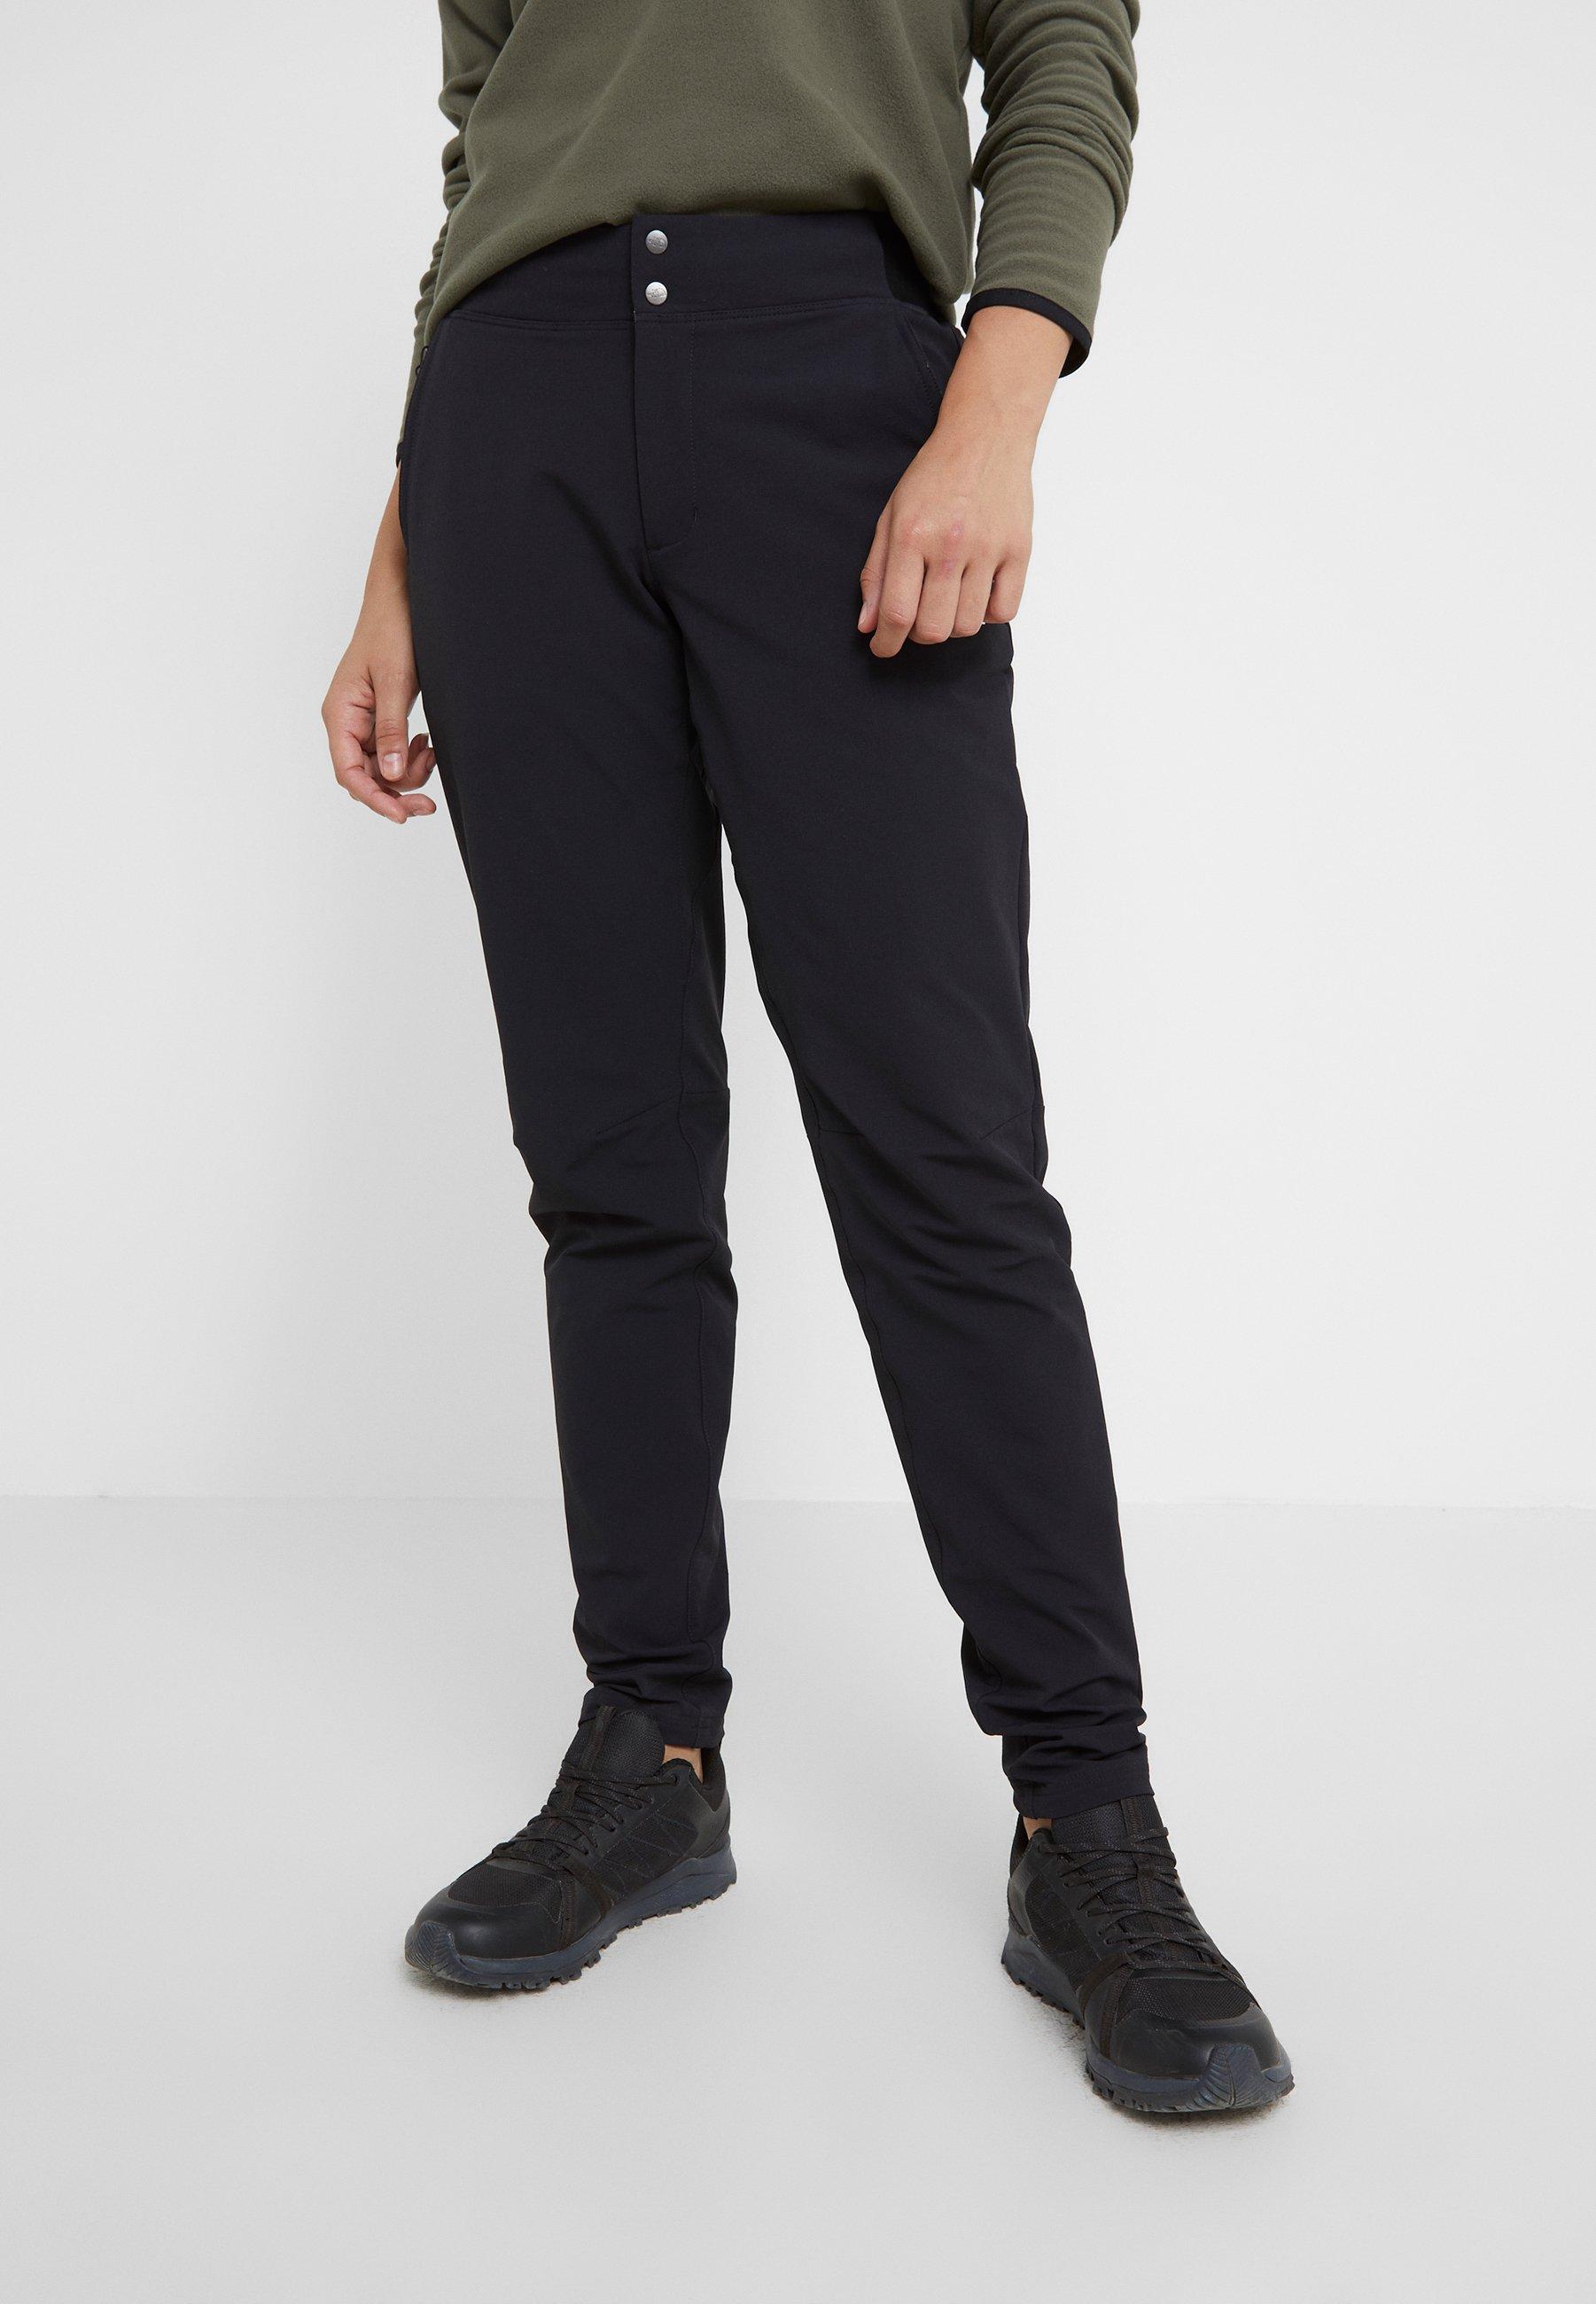 Femme QUEST PANT SLIM - Pantalons outdoor